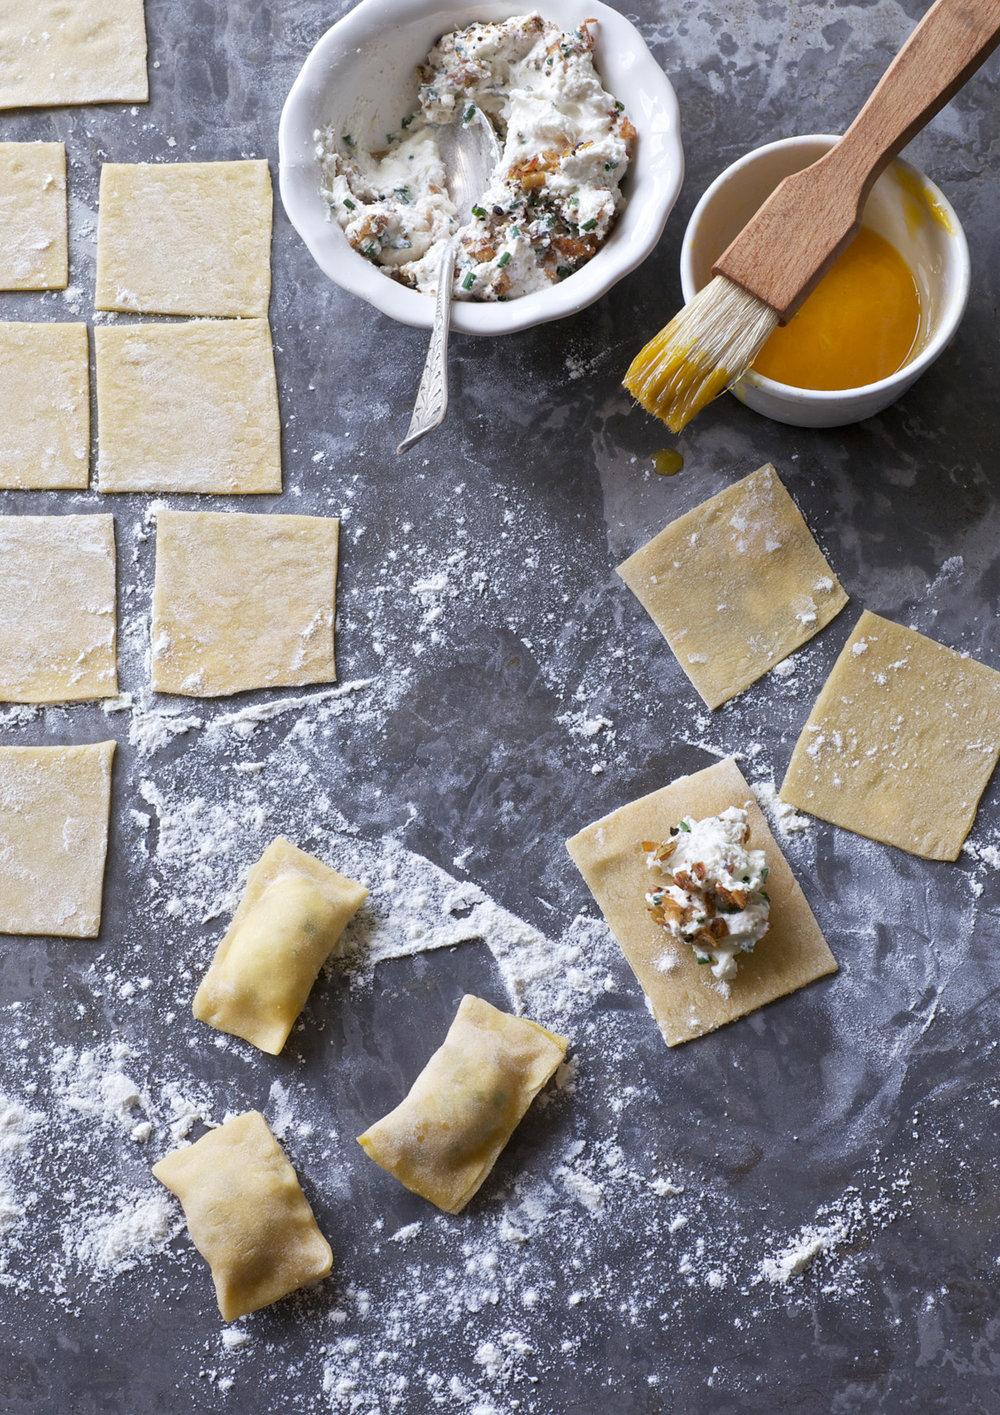 tortelini.jpg